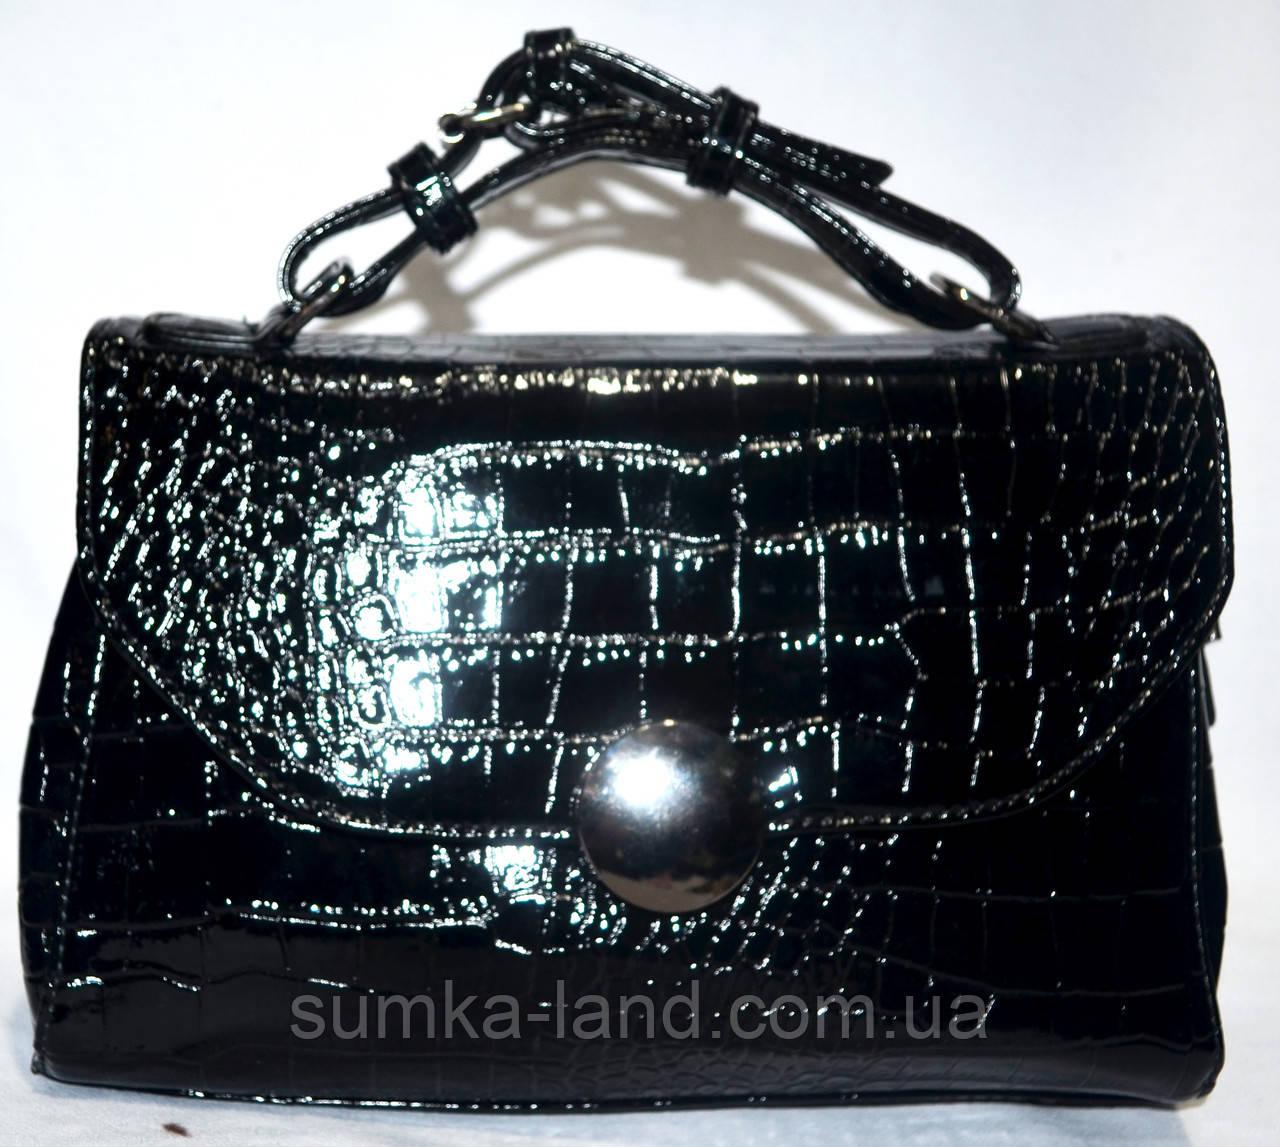 decd85edbf25 Женский лаковый клатч черный крокодил 25*17: продажа, цена в ...